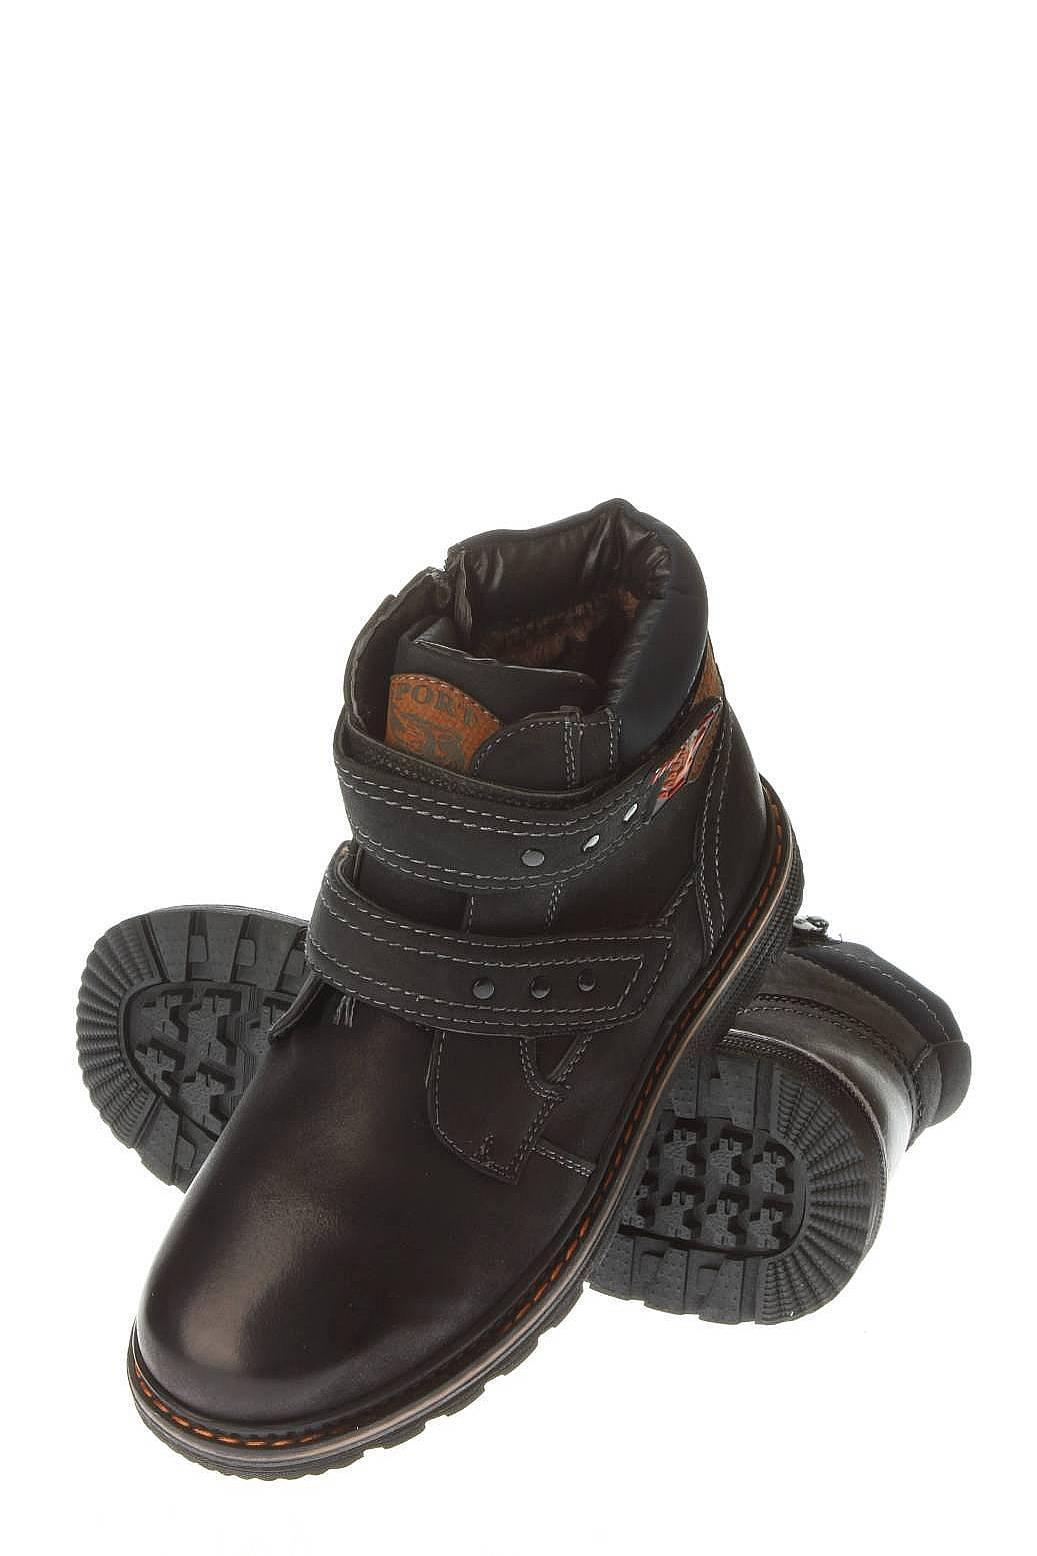 Мужская Обувь Детская Обувь Ботинки: Колобок Обувь